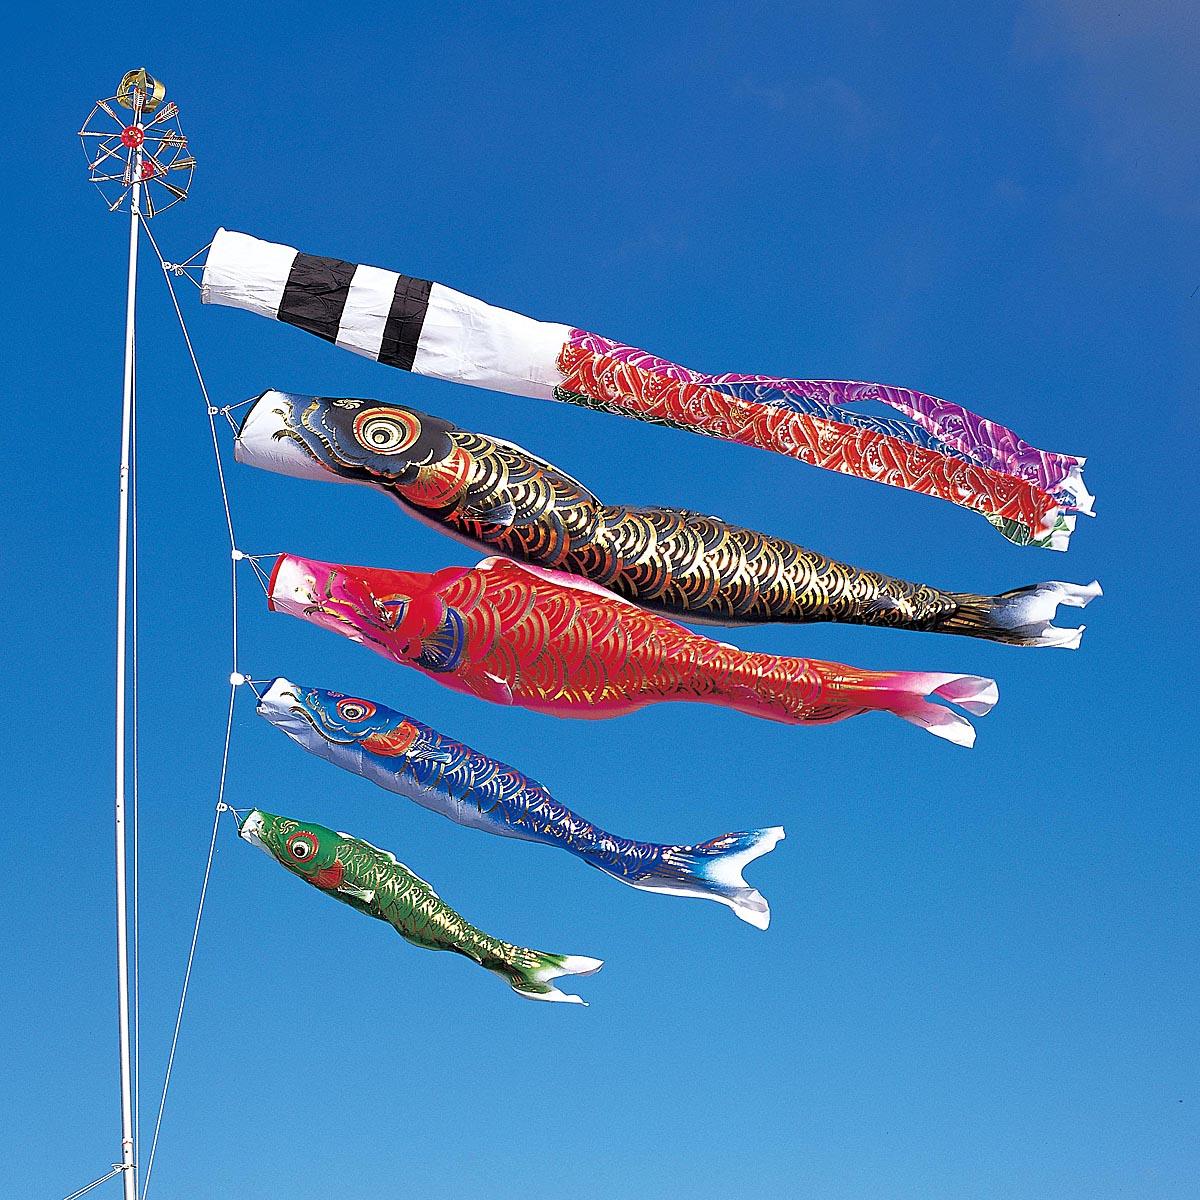 こいのぼり 庭用 煌鯉 3m 7点 (矢車、ロープ、吹流し、鯉3匹) 大型/ポール別売り ダイヤ鯉 KOD-O-734263